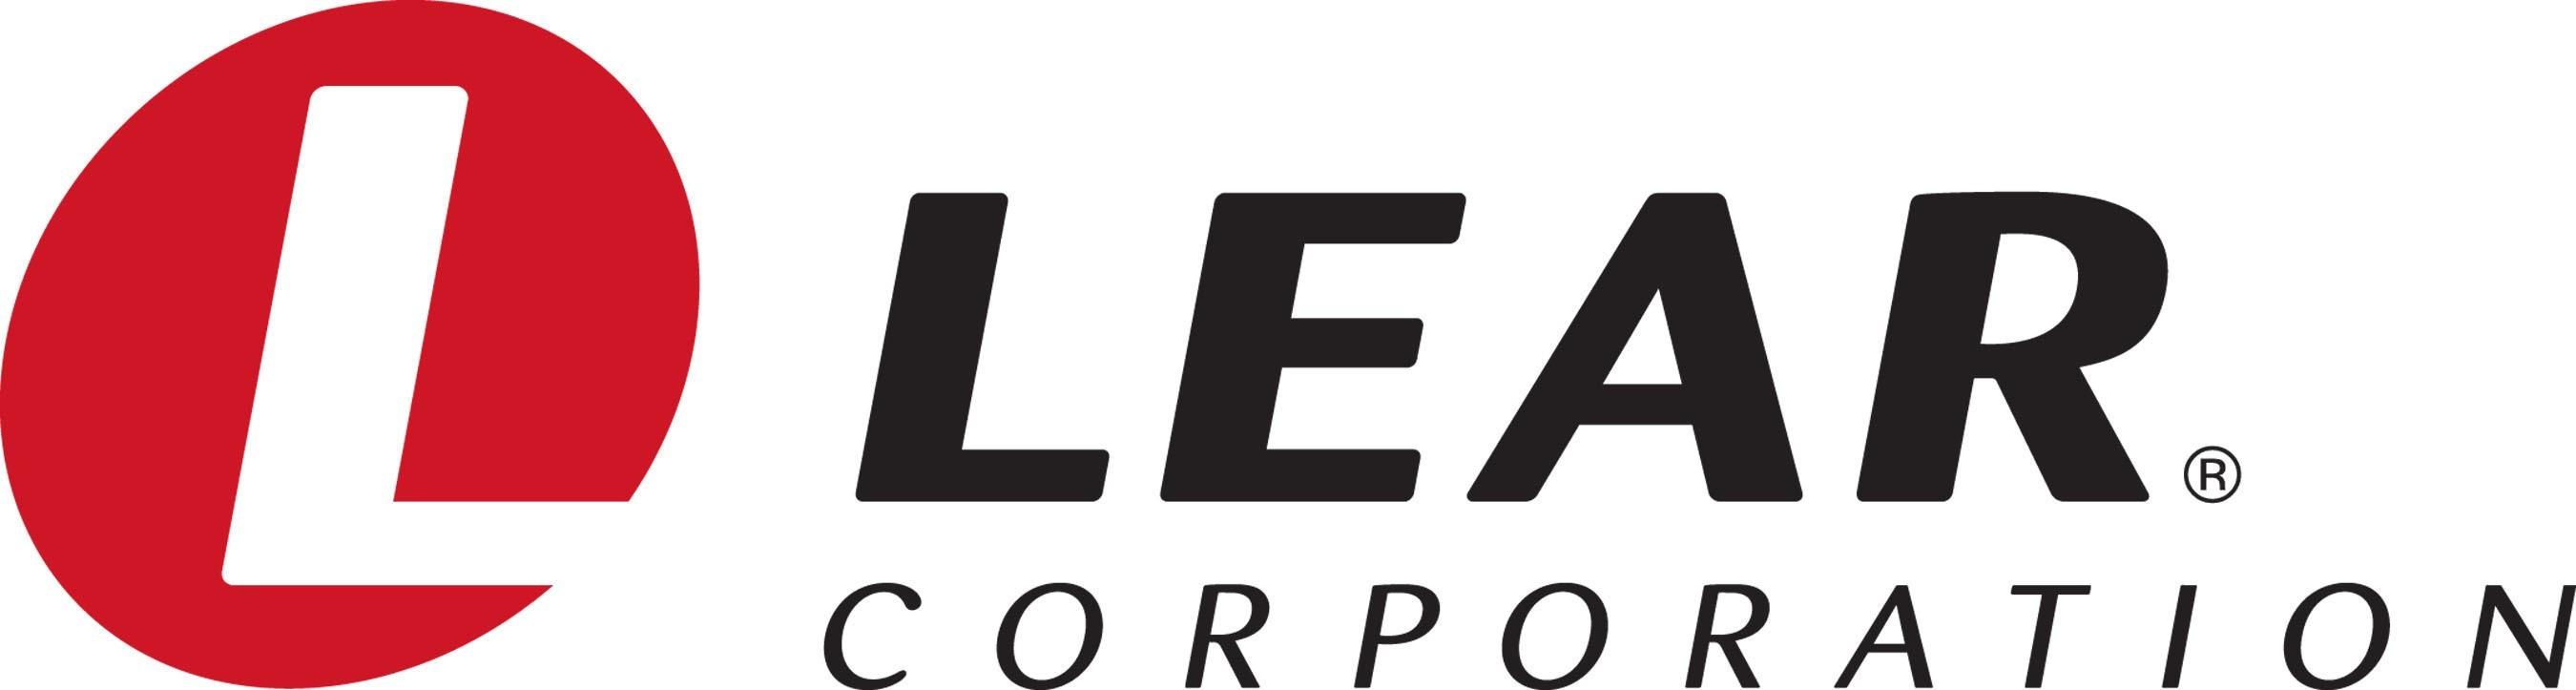 Lear Corporation Logo. (PRNewsFoto/Lear Corporation) (PRNewsfoto/Lear Corporation)